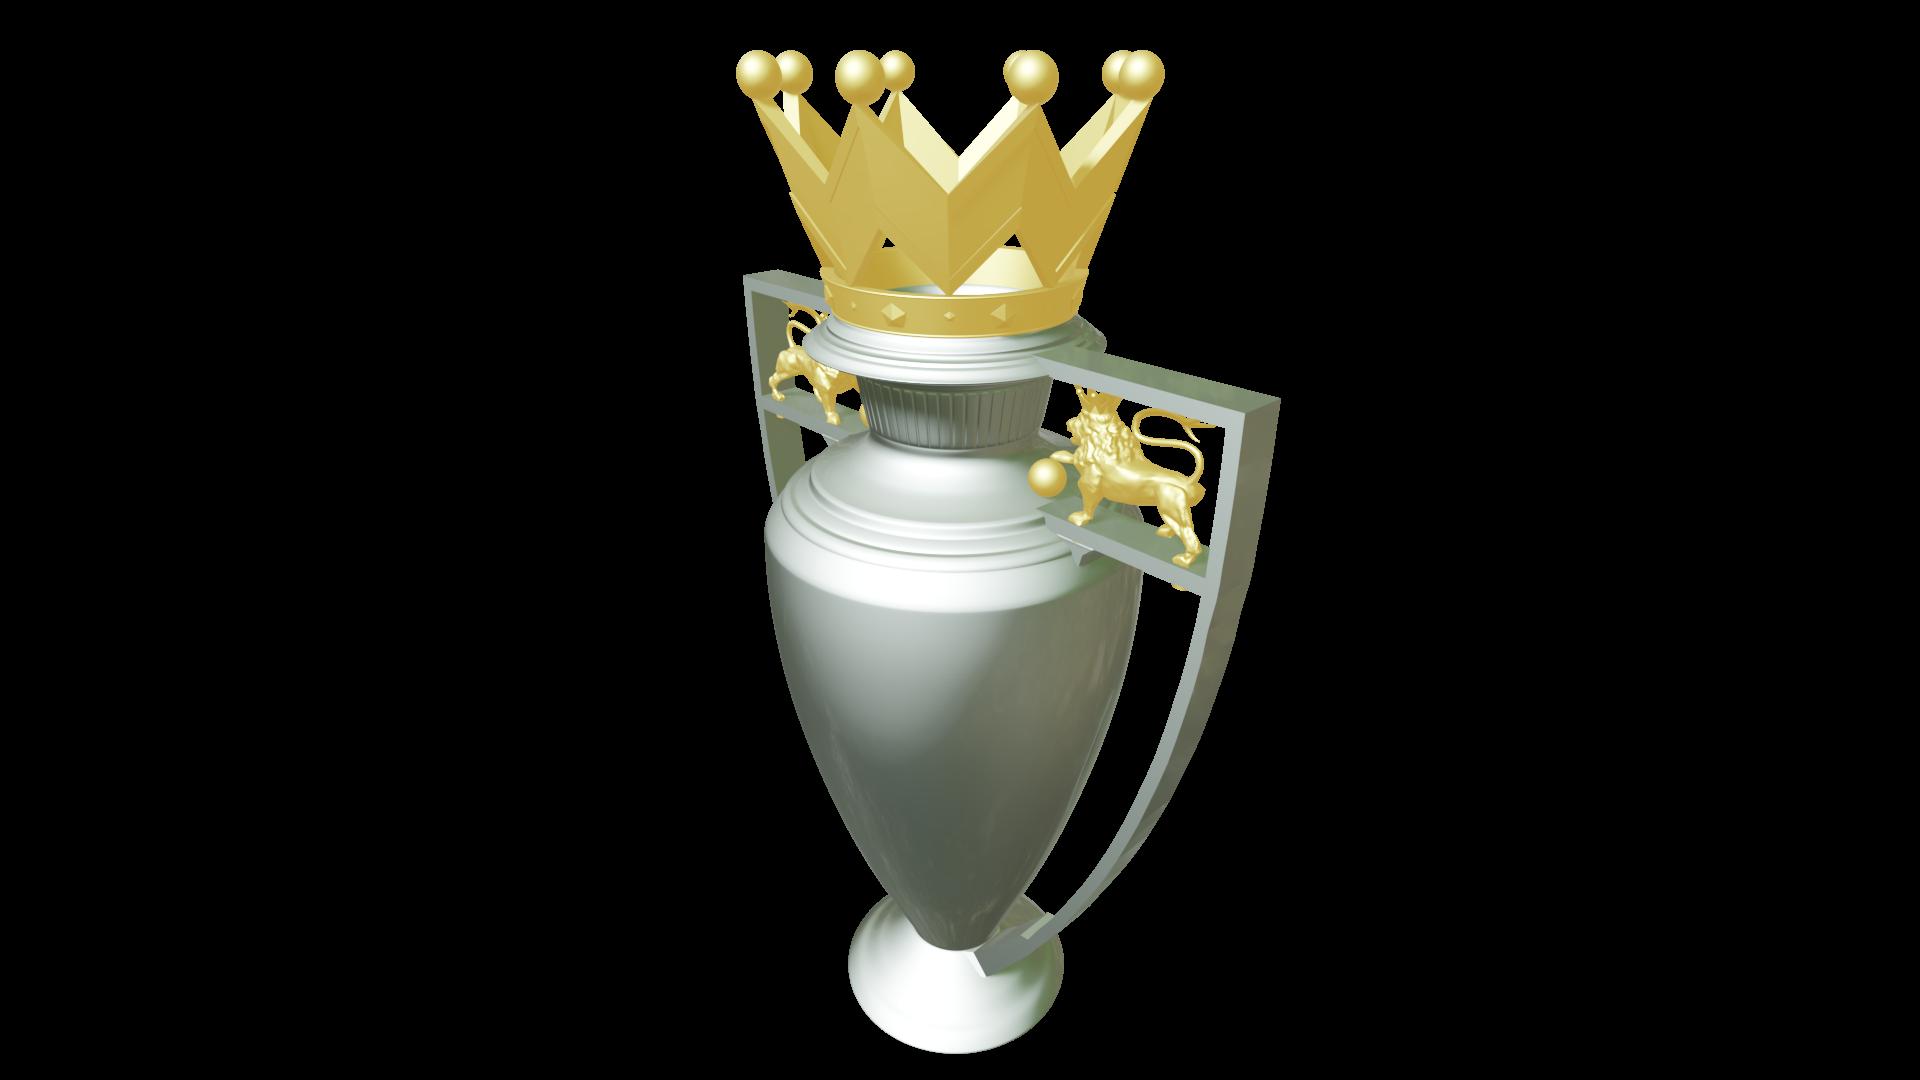 Download Stl File English League Trophy Premier League 3d Printable Model Cults